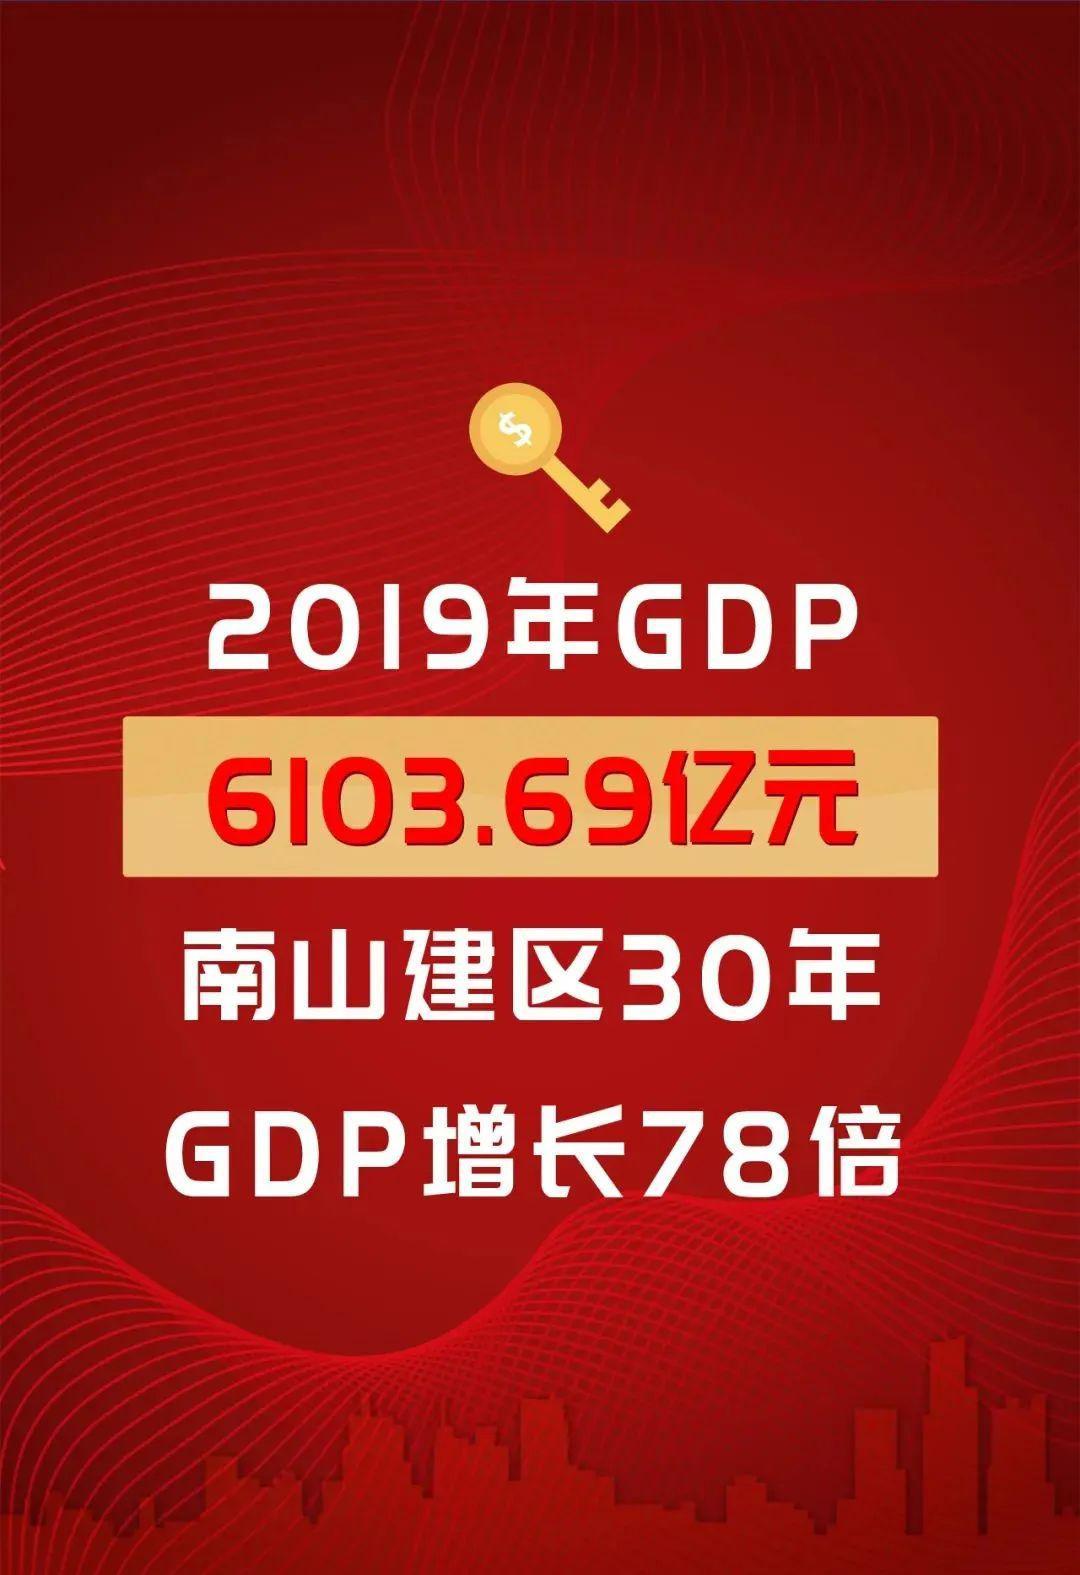 南山区19年gdp总量_2019年前三季度深圳10 1区GDP排行出炉 罗湖反超龙华,重回第五(3)